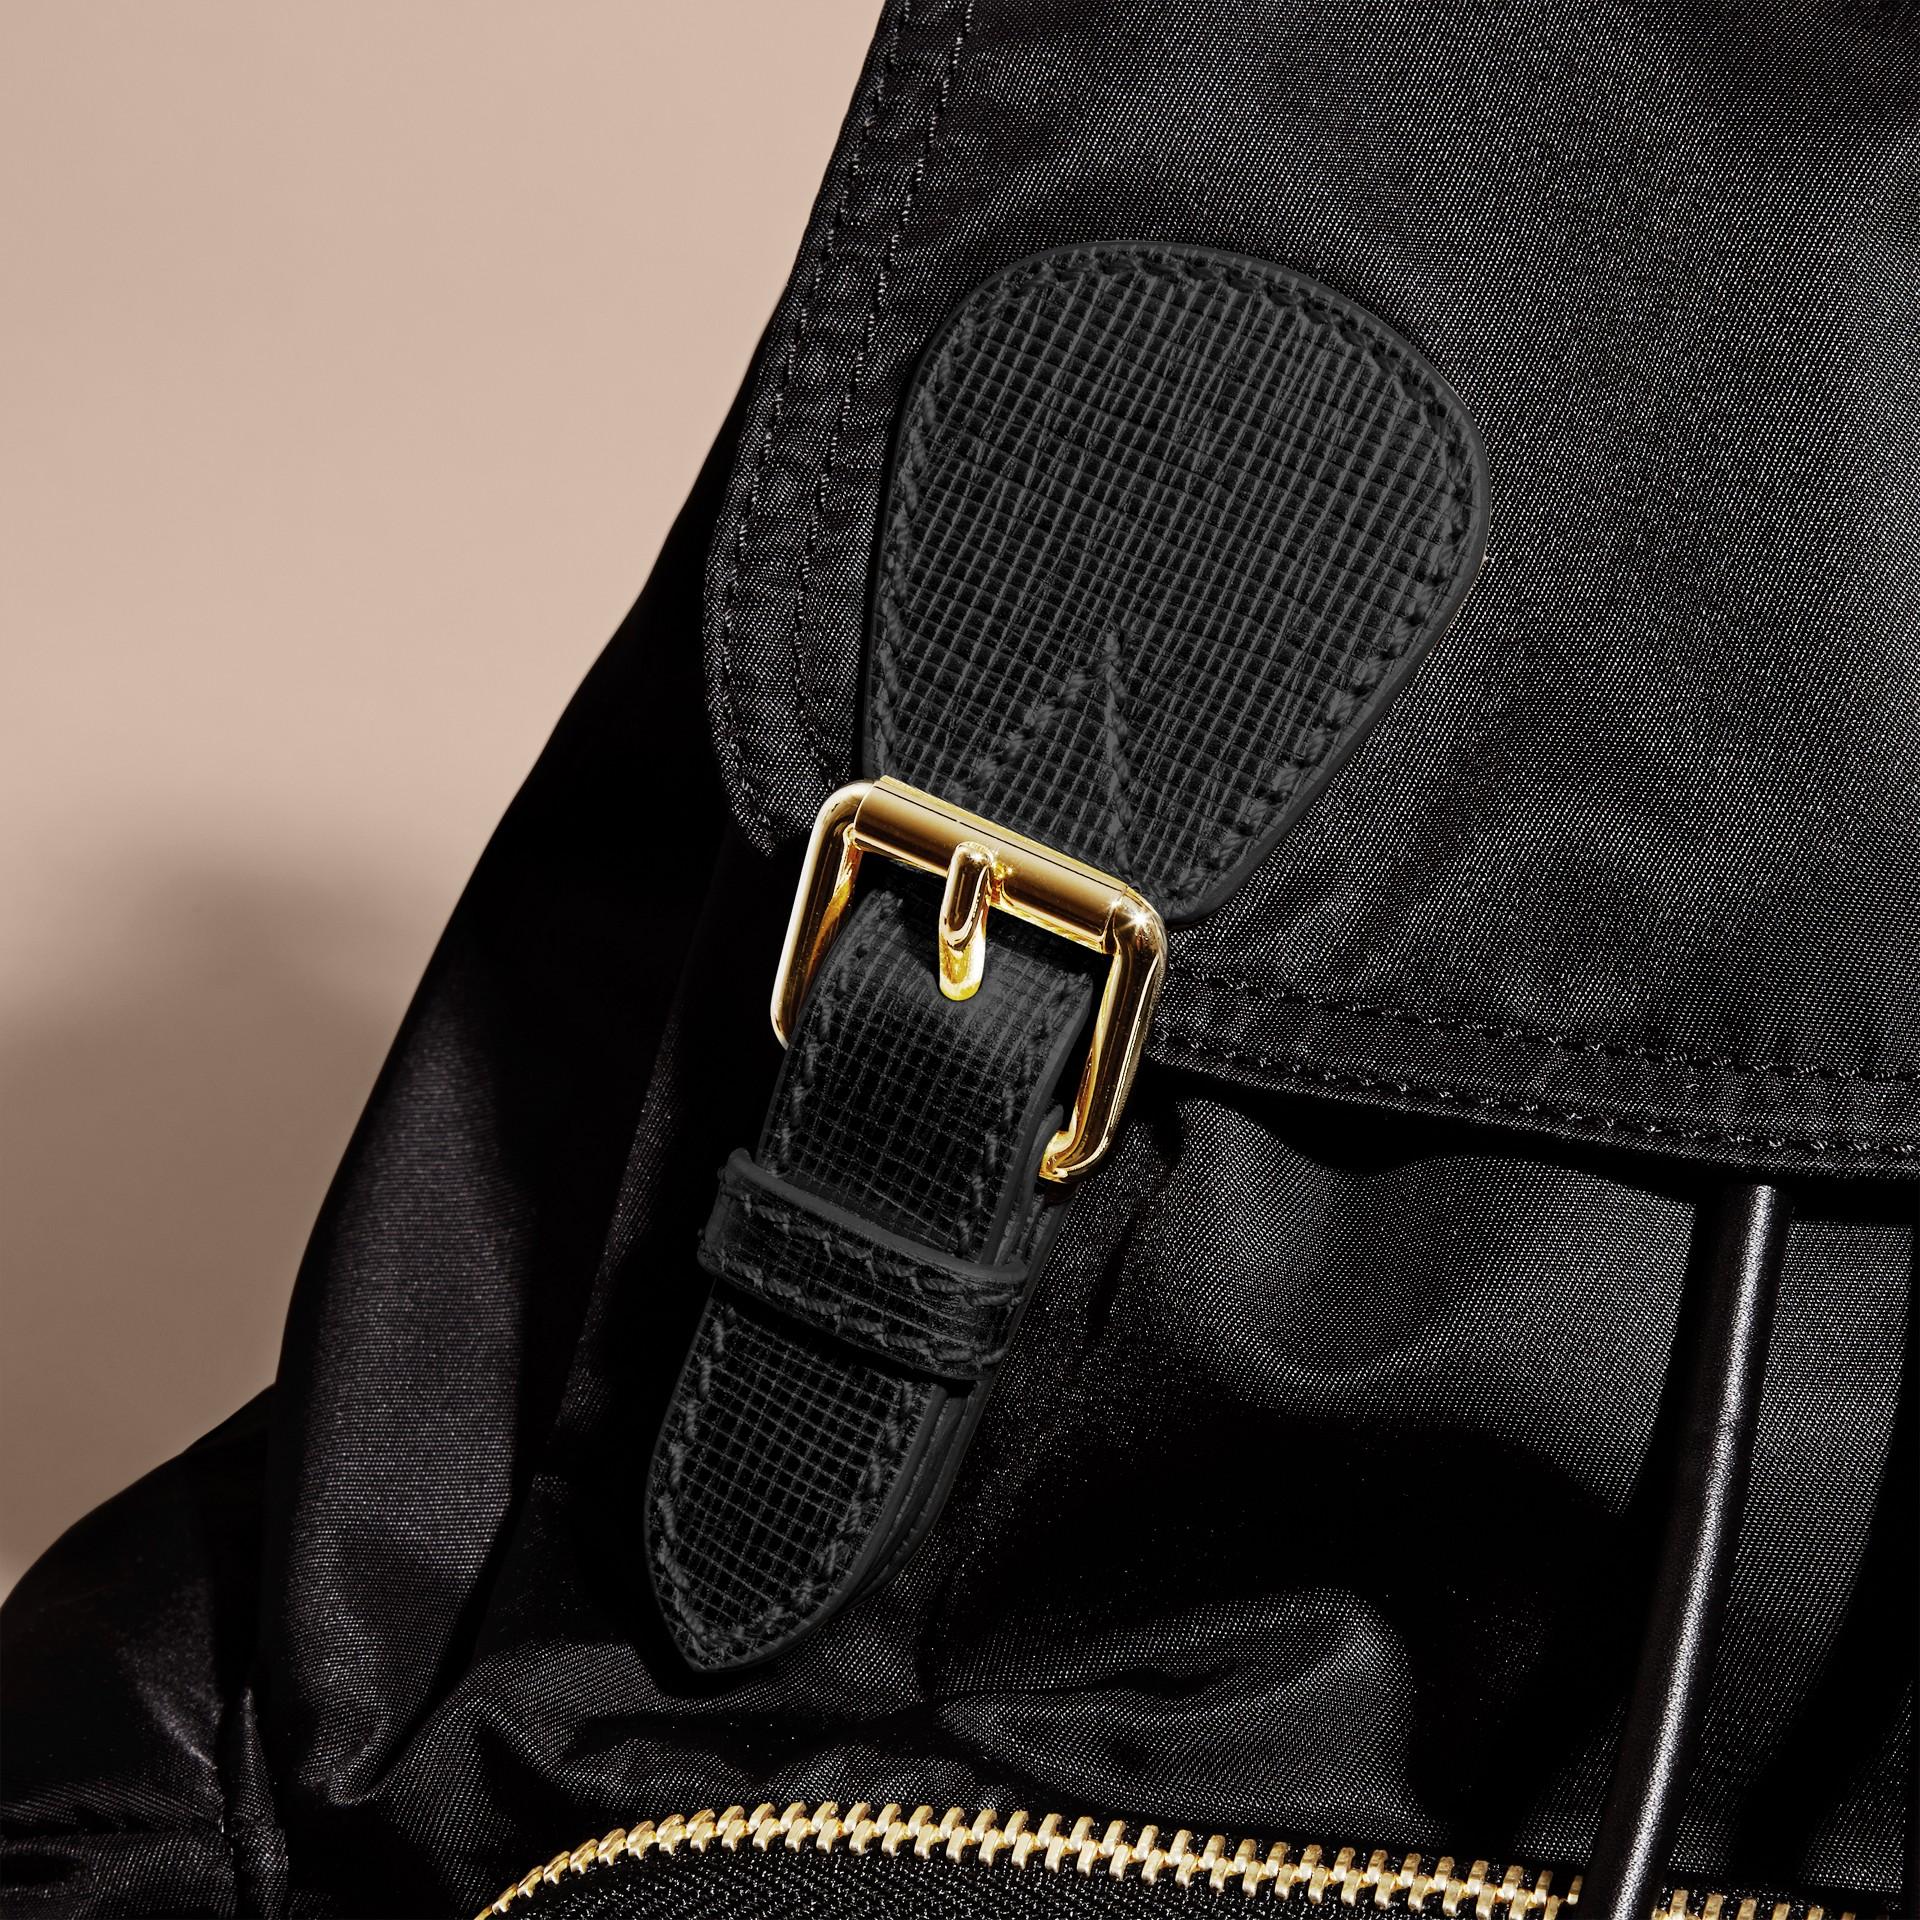 Nero/oro Zaino The Rucksack medio in nylon bicolore e pelle Nero/oro - immagine della galleria 6